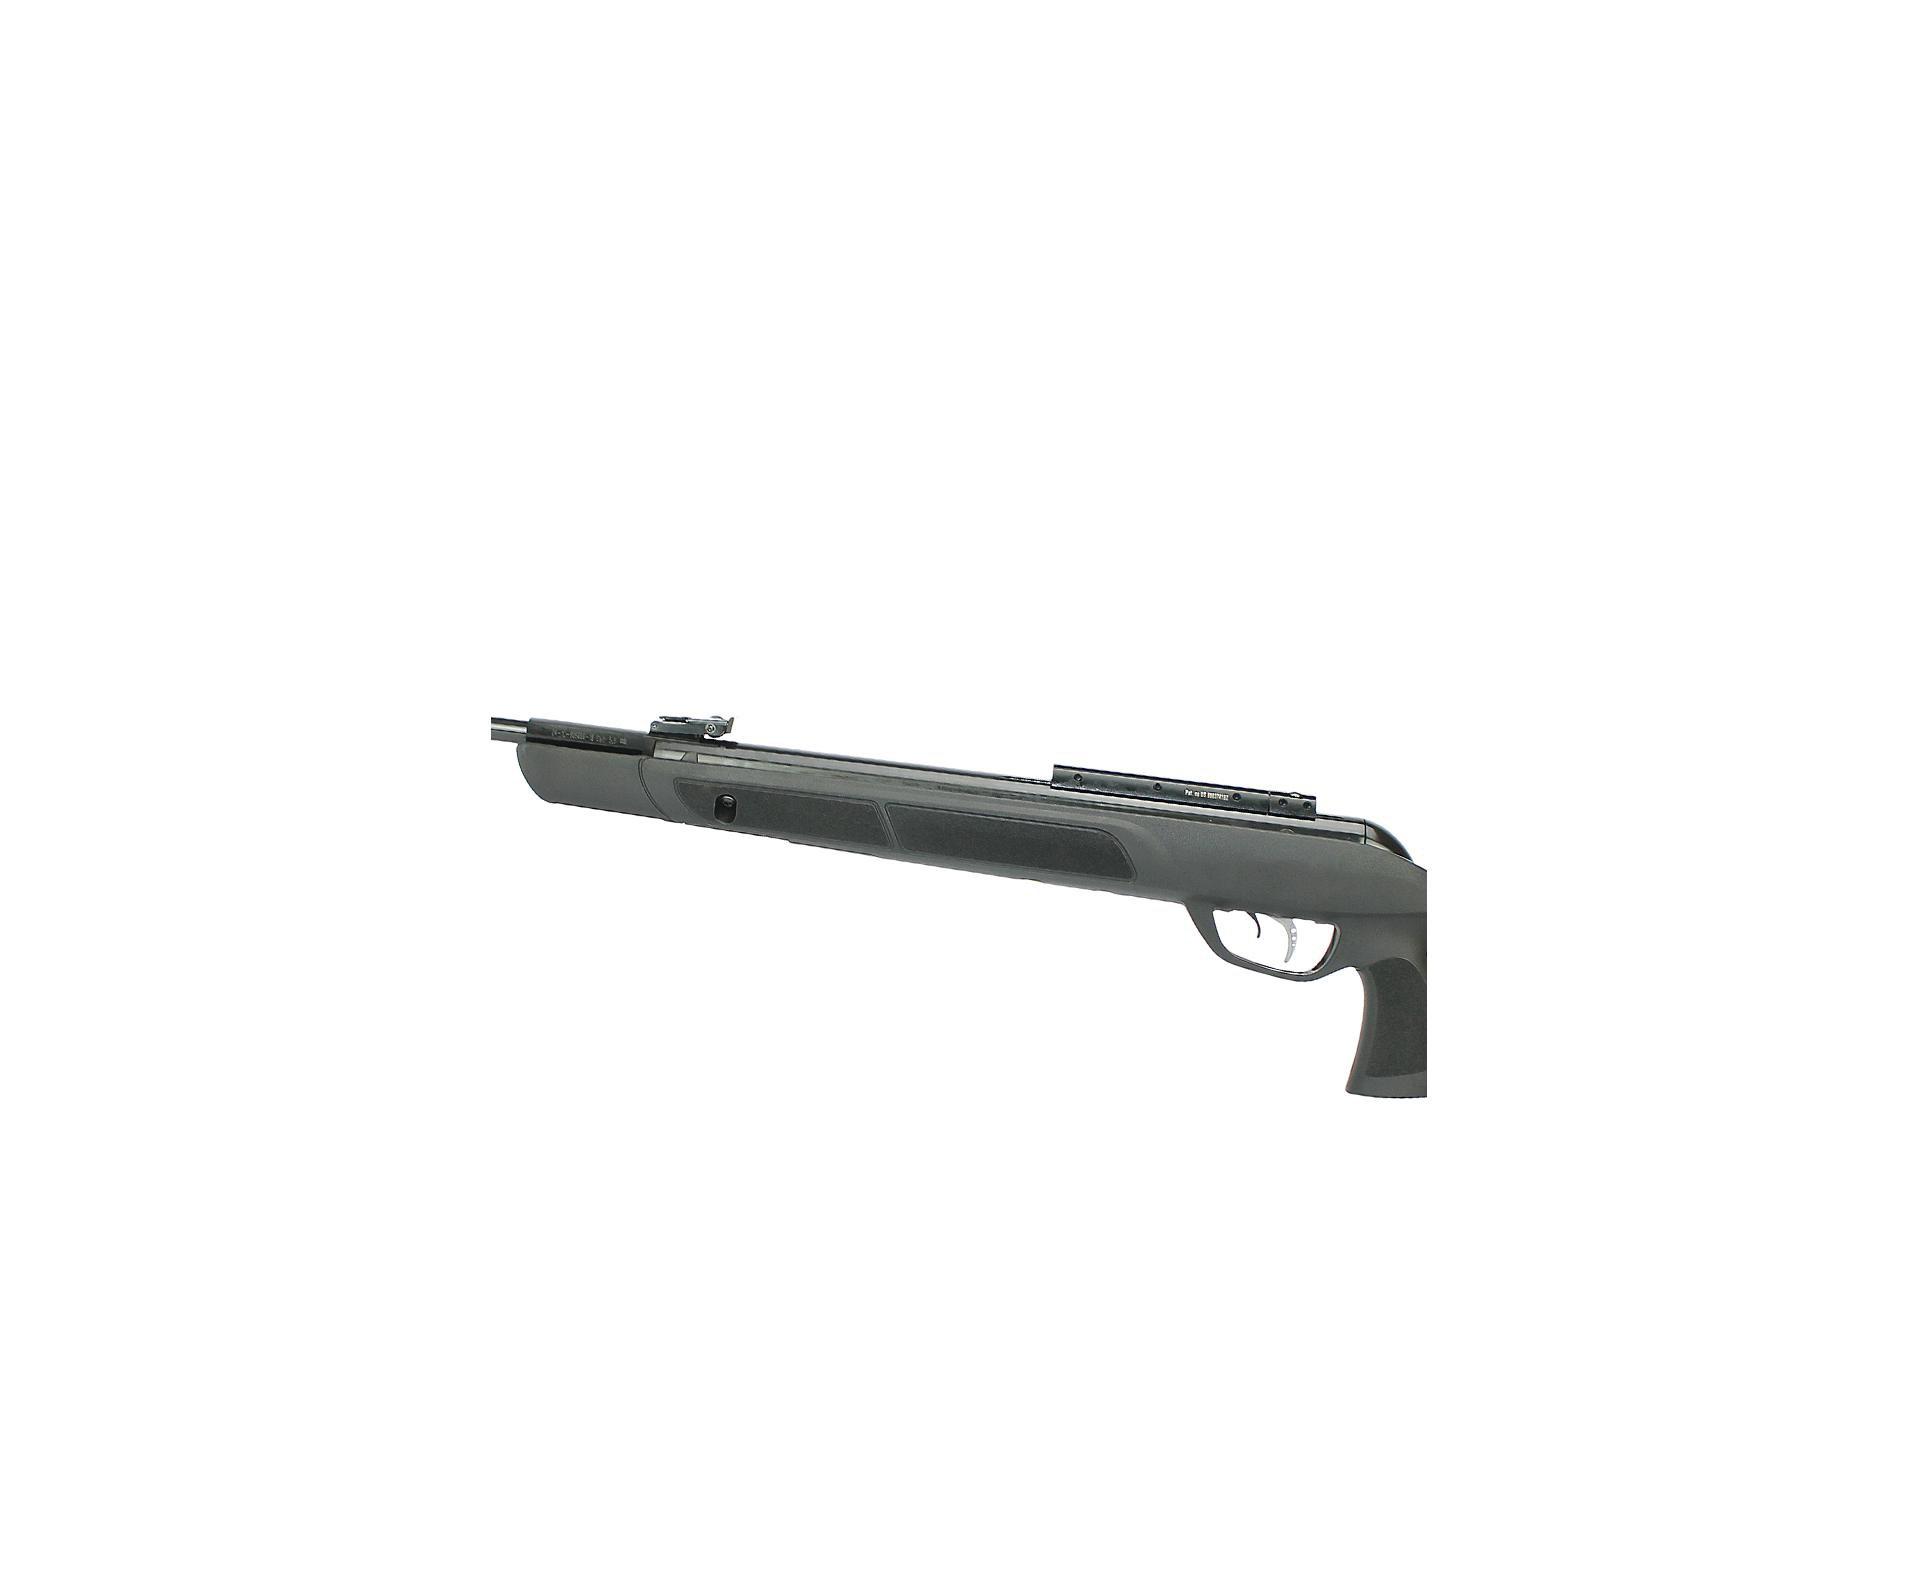 Carabina De Pressão G-magnum 1250 Igt Mach 1 Gas Ram - Polimero Cal 5,5mm - Gamo